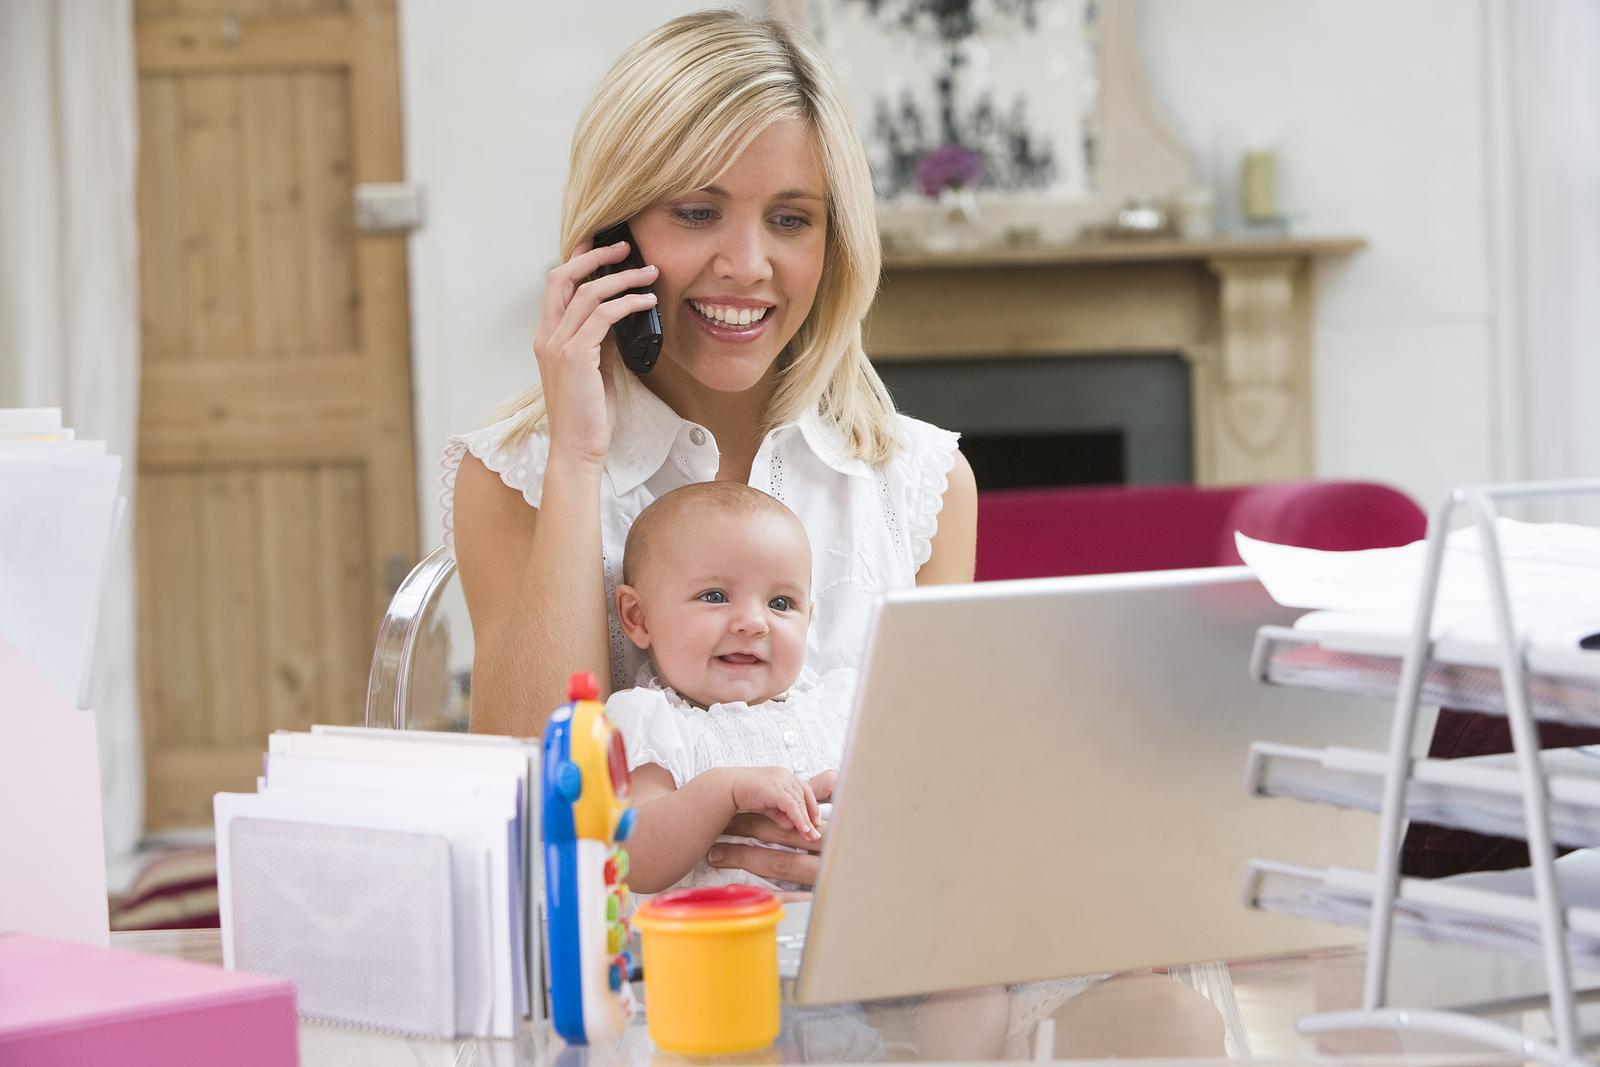 Семь реальных способов заработать в декрете головой или руками. Как заработать деньги в декрете сидя дома